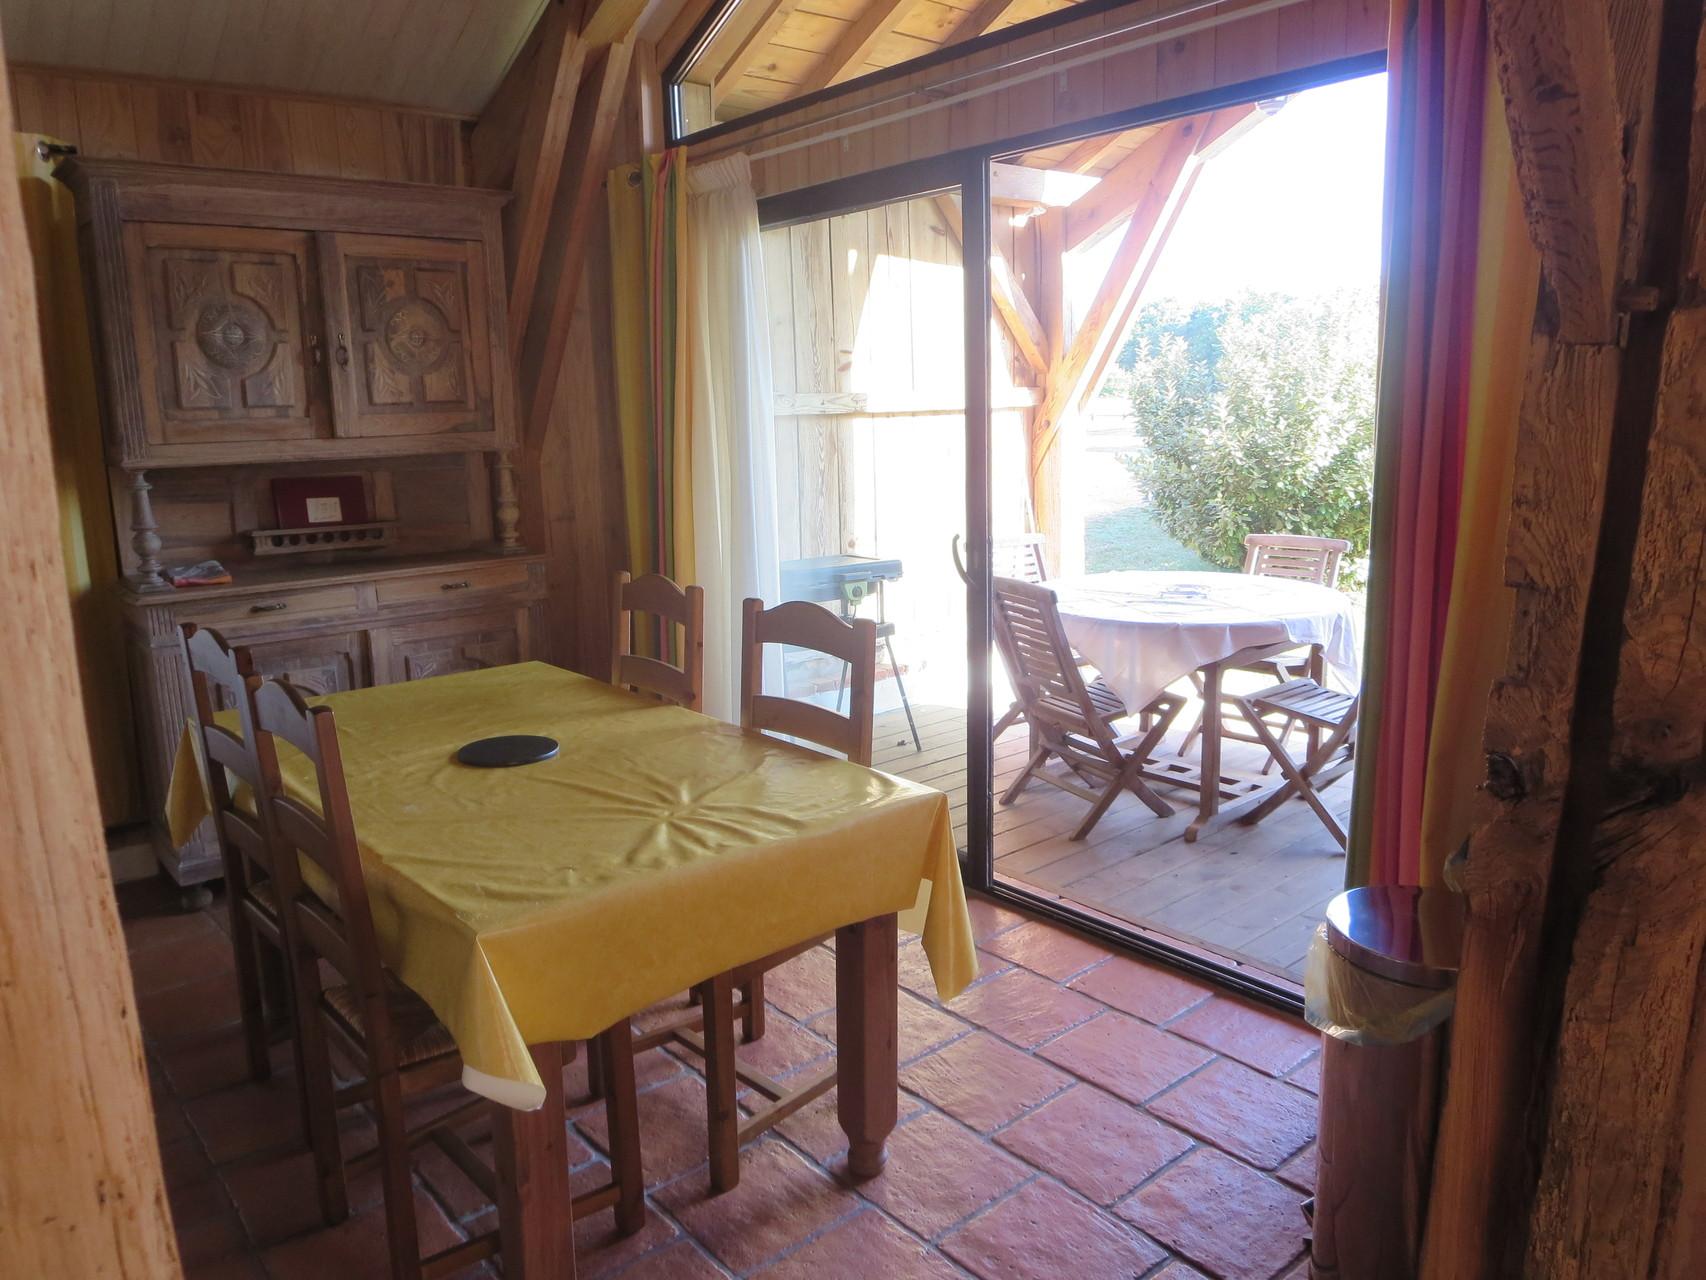 La terrasse vue depuis la cuisine.